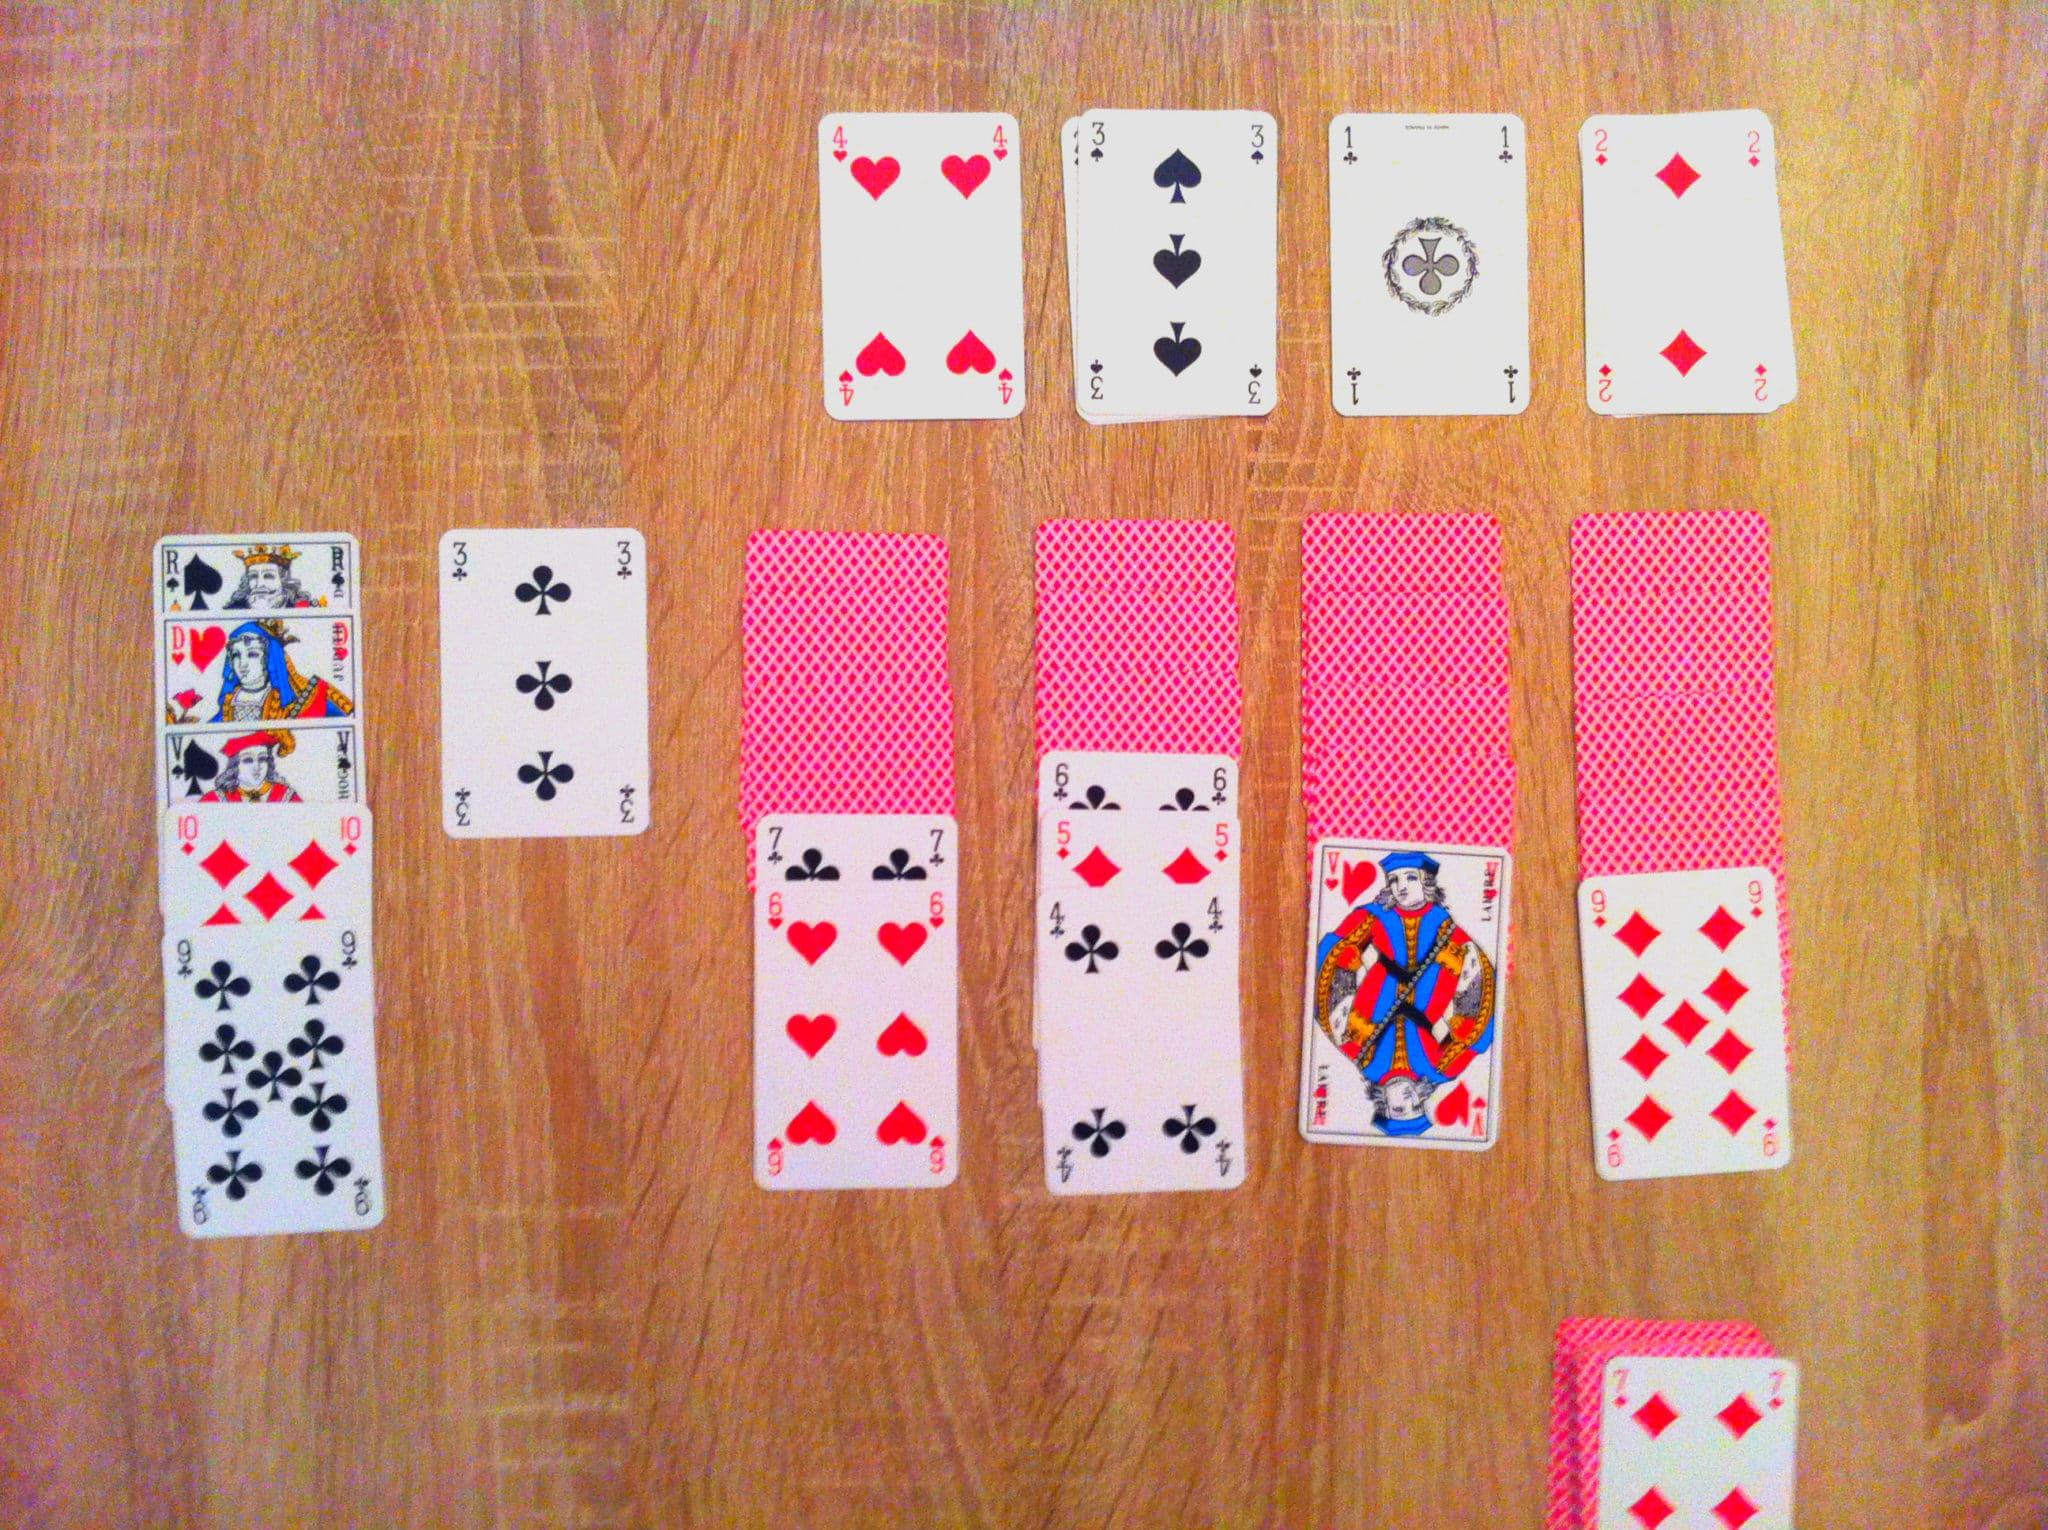 Win777 casino